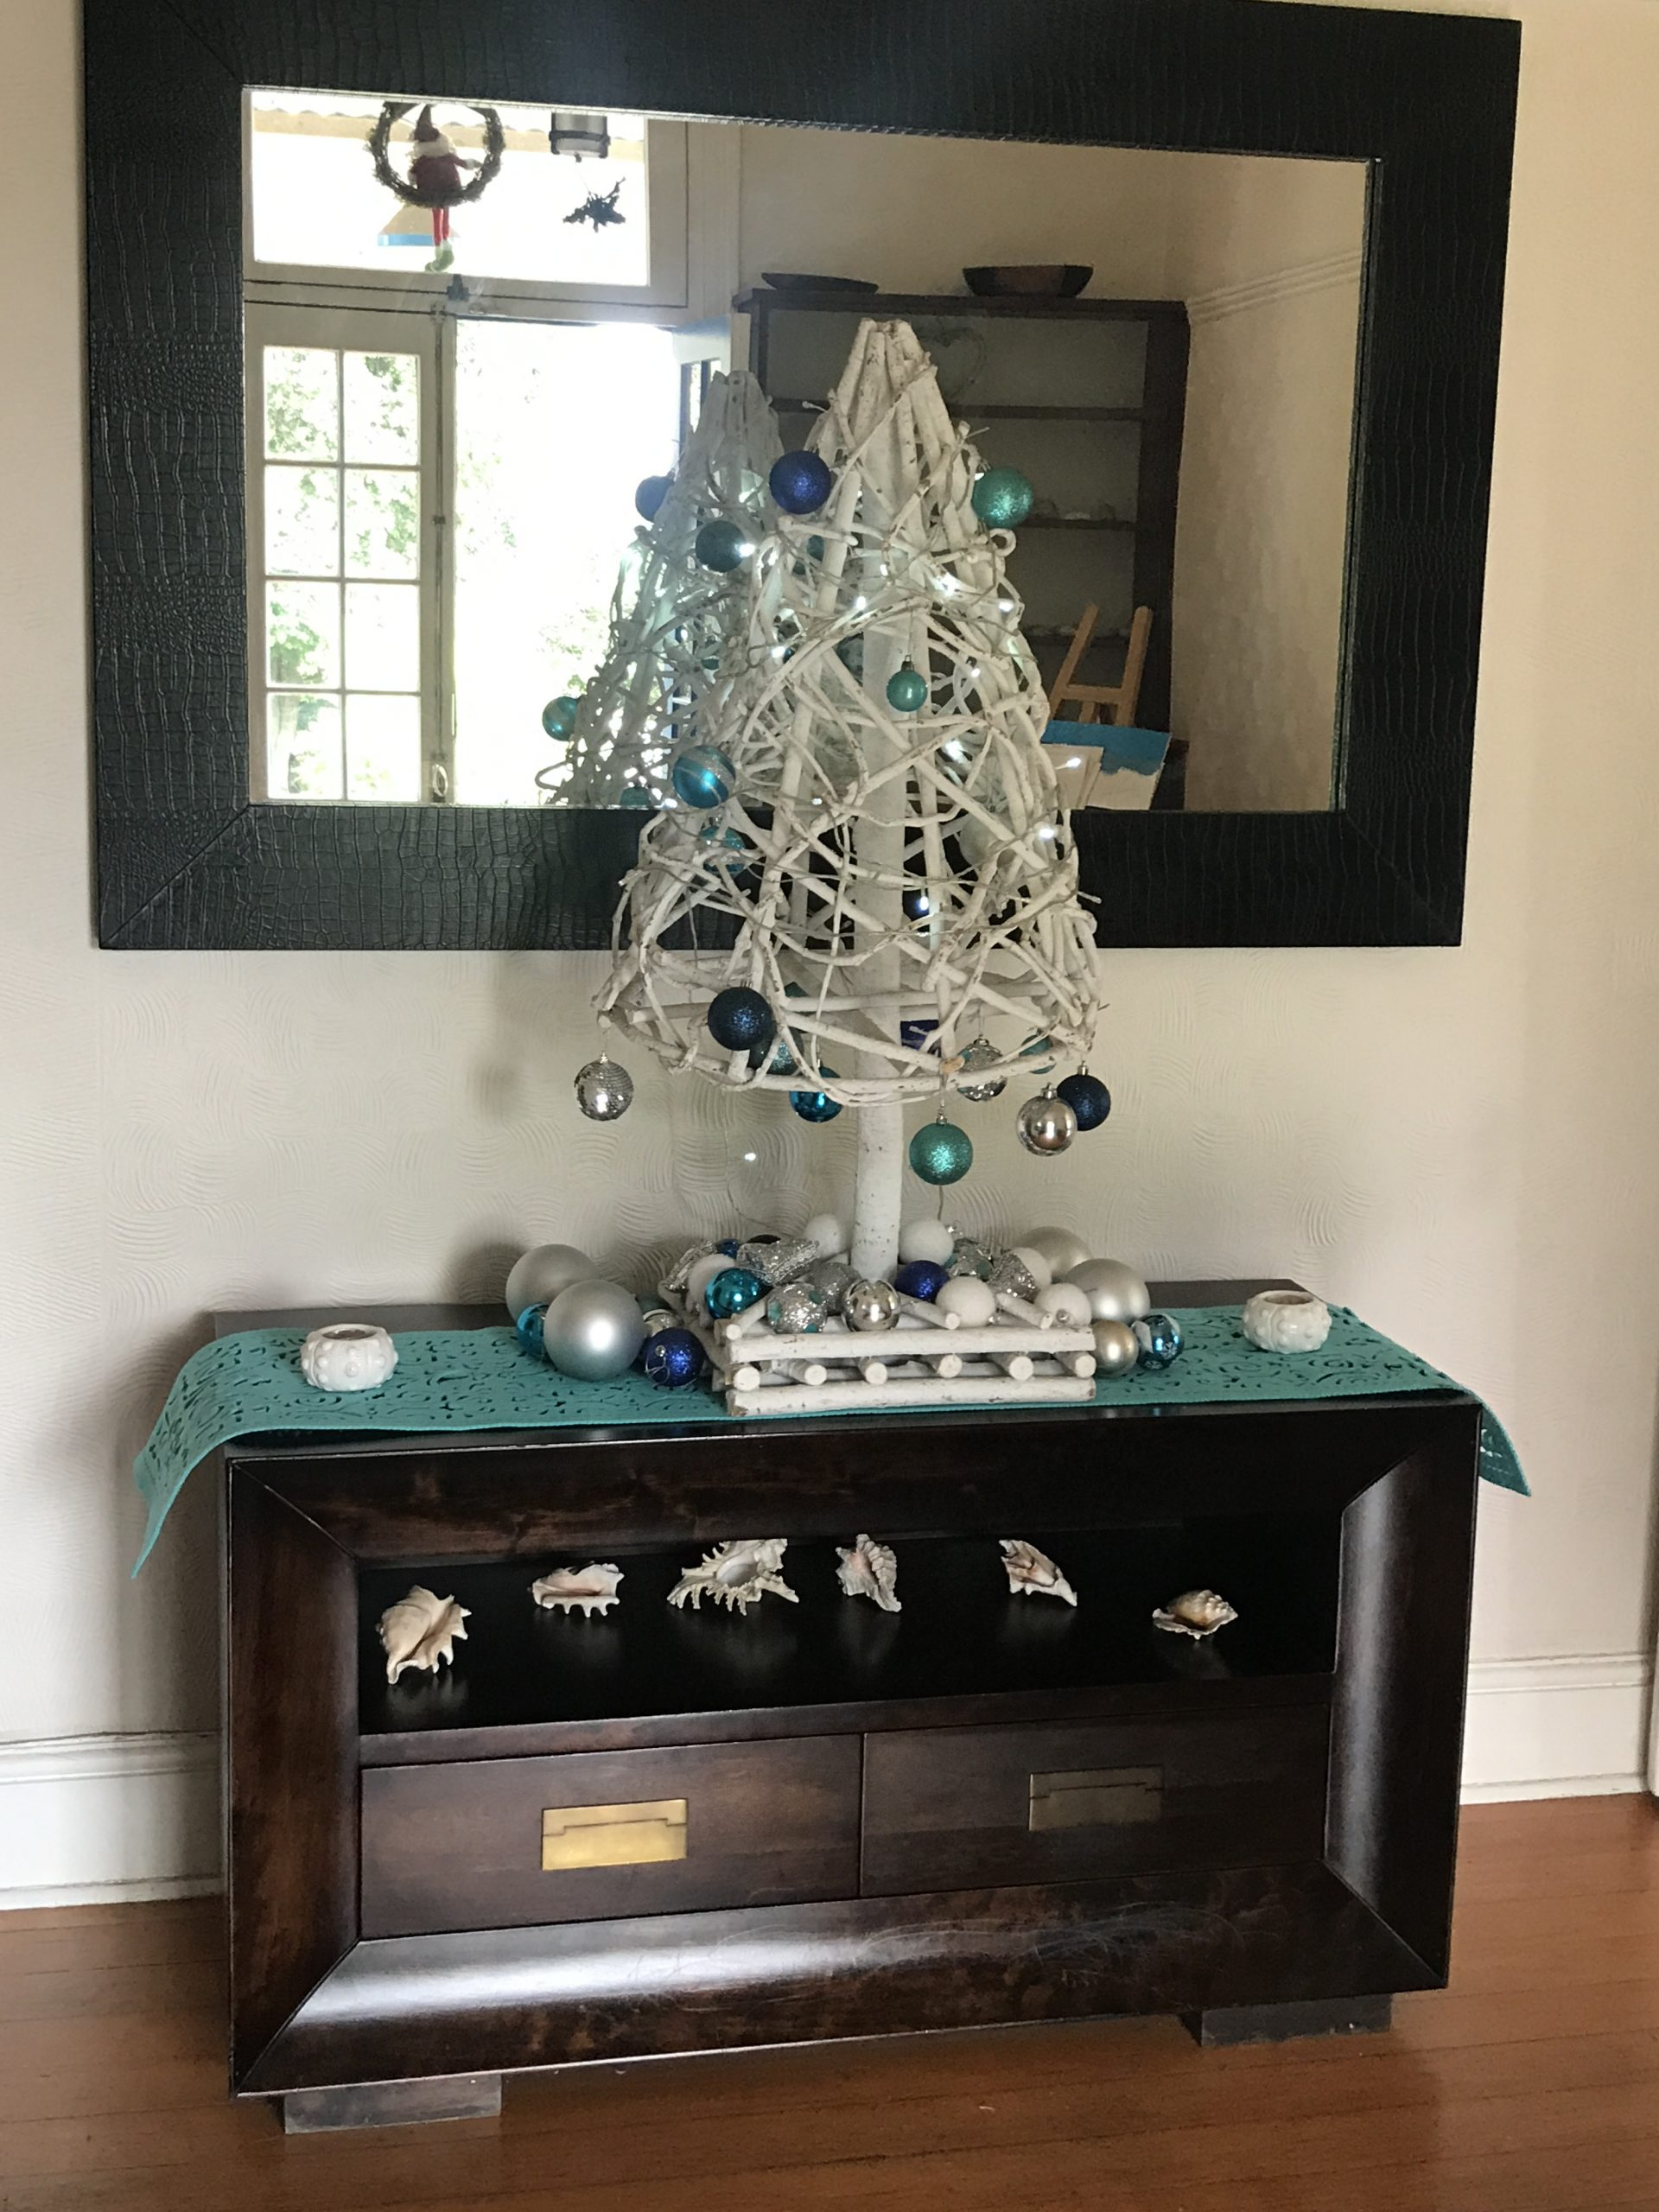 My Blue Ocean Christmas Tree